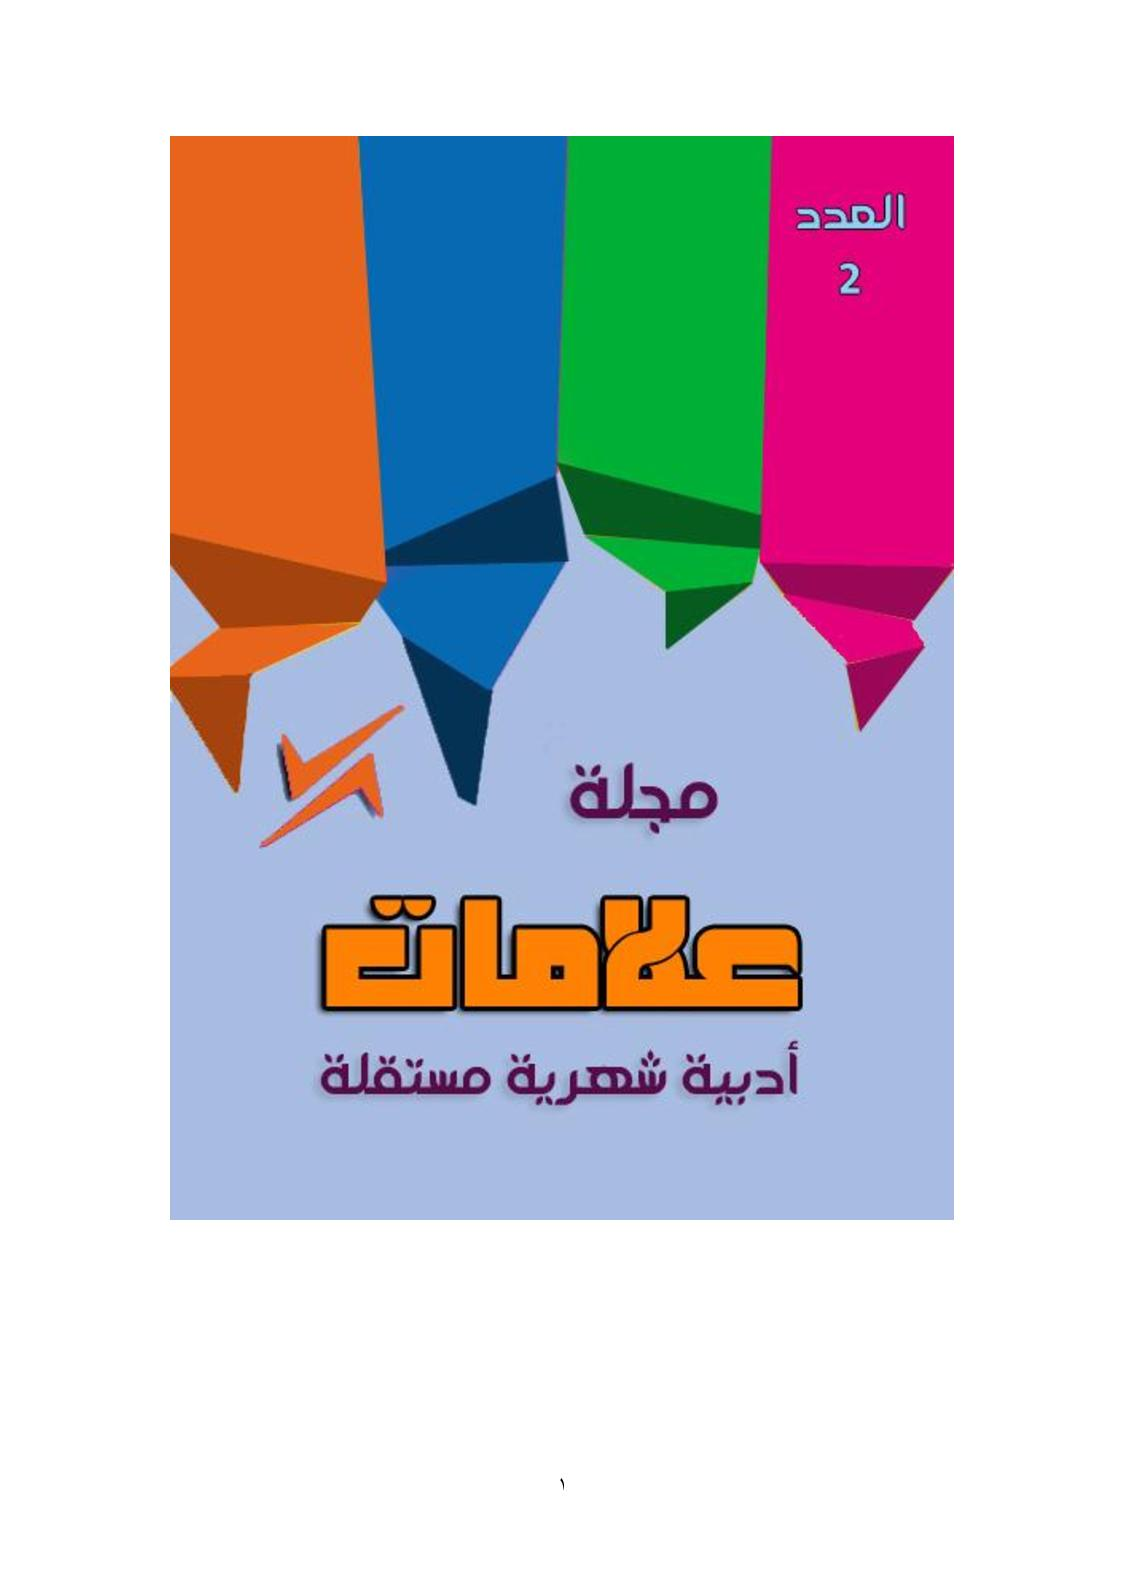 d5a7c9c8b Calaméo - مجلة علامات - العدد الثاني - بيات مرعي